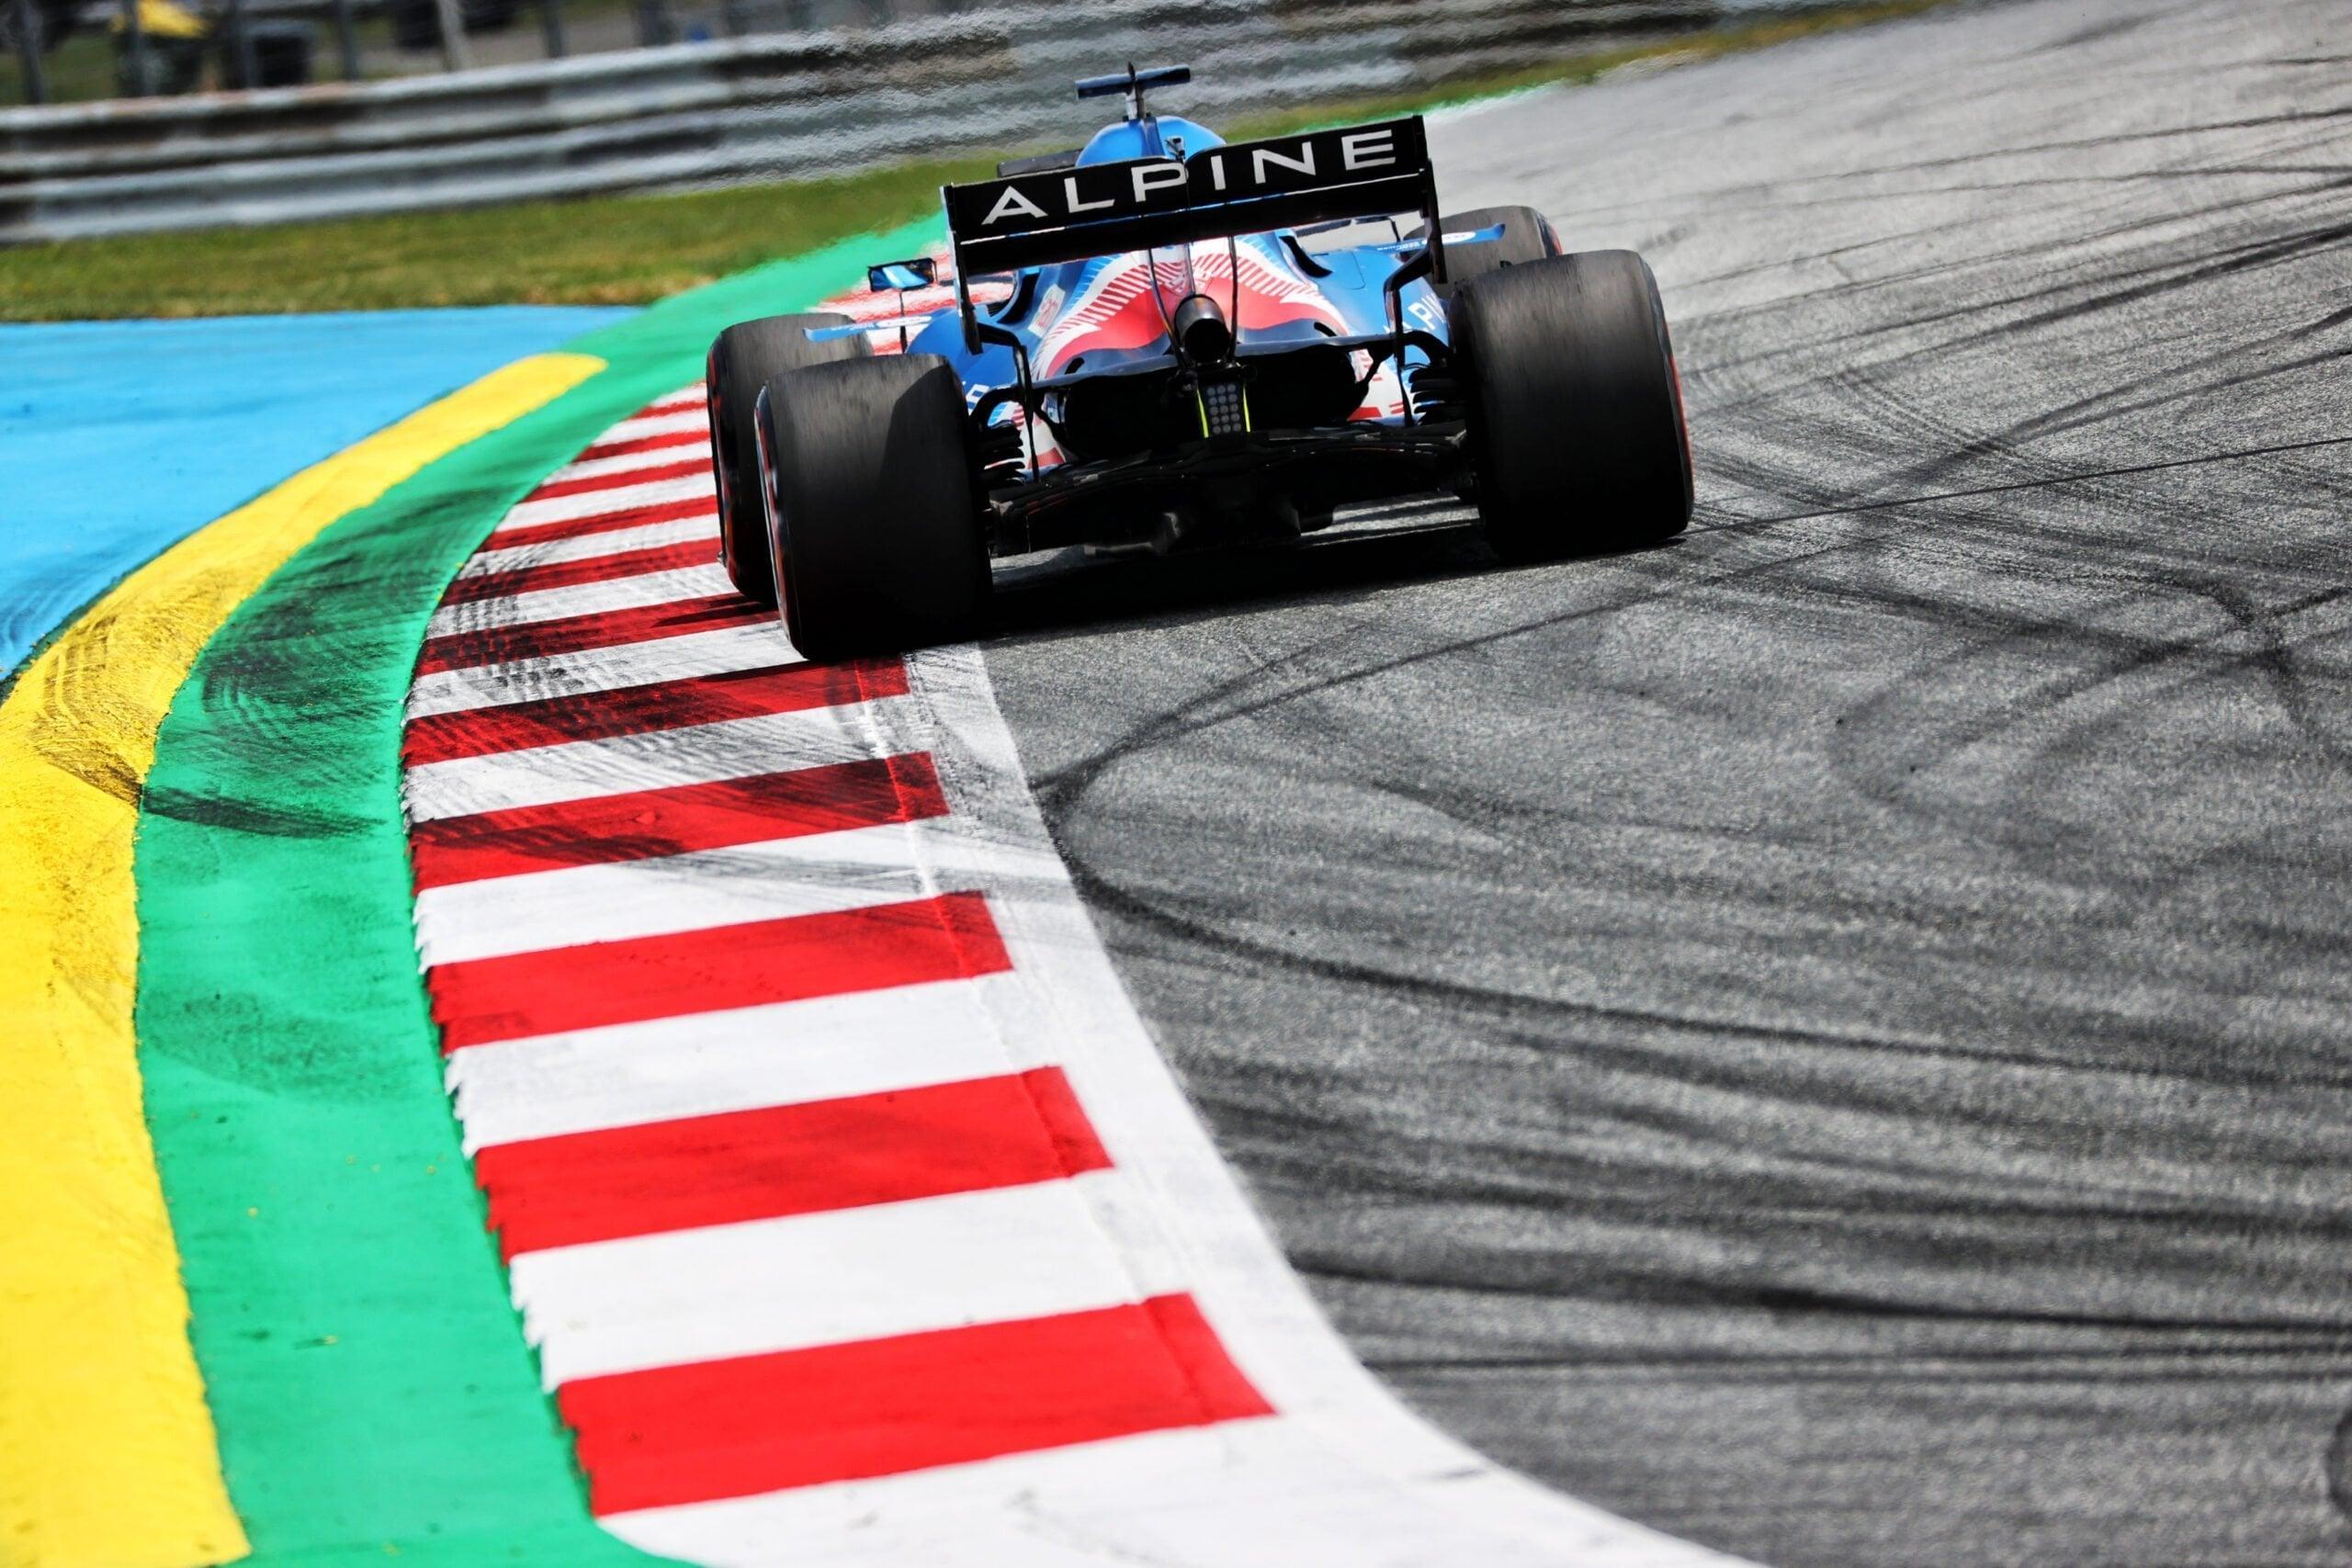 Alpine F1 Team Alonso Ocon Autriche Steiermark Grand Prix Spielberg A521 2021 22 scaled   Alpine F1 : Alonso réitère la Q3 et Ocon trébuche en Q1 à Spielberg